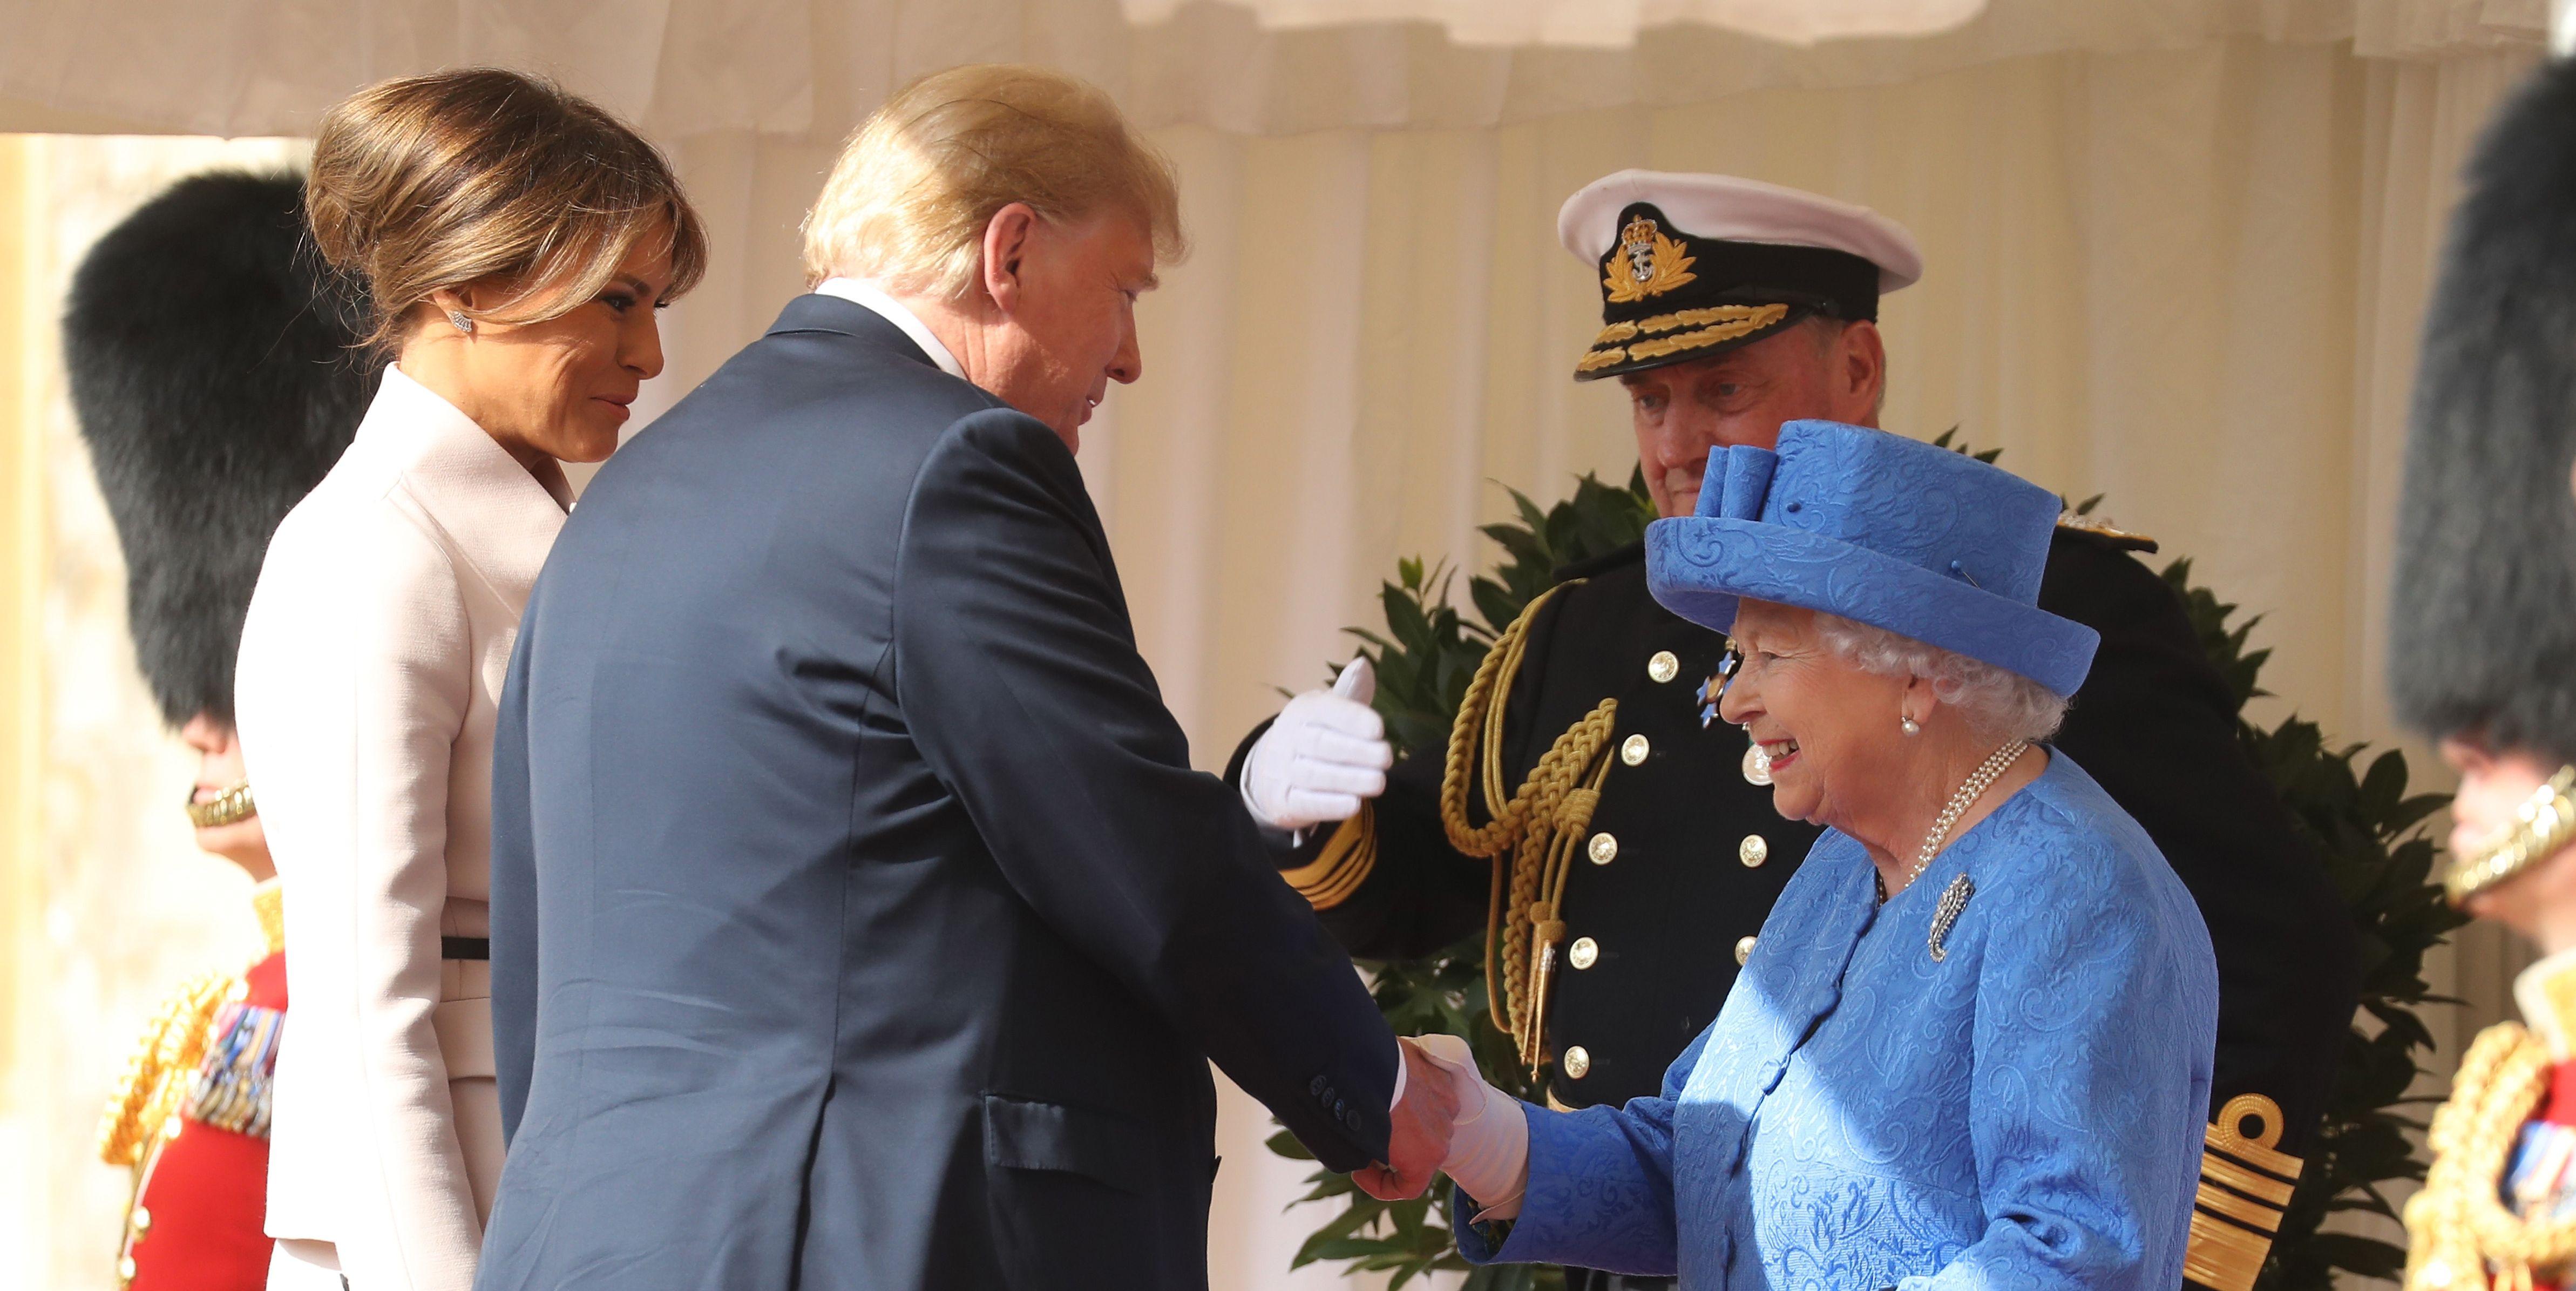 Donald Trump Meeting with Queen Elizabeth